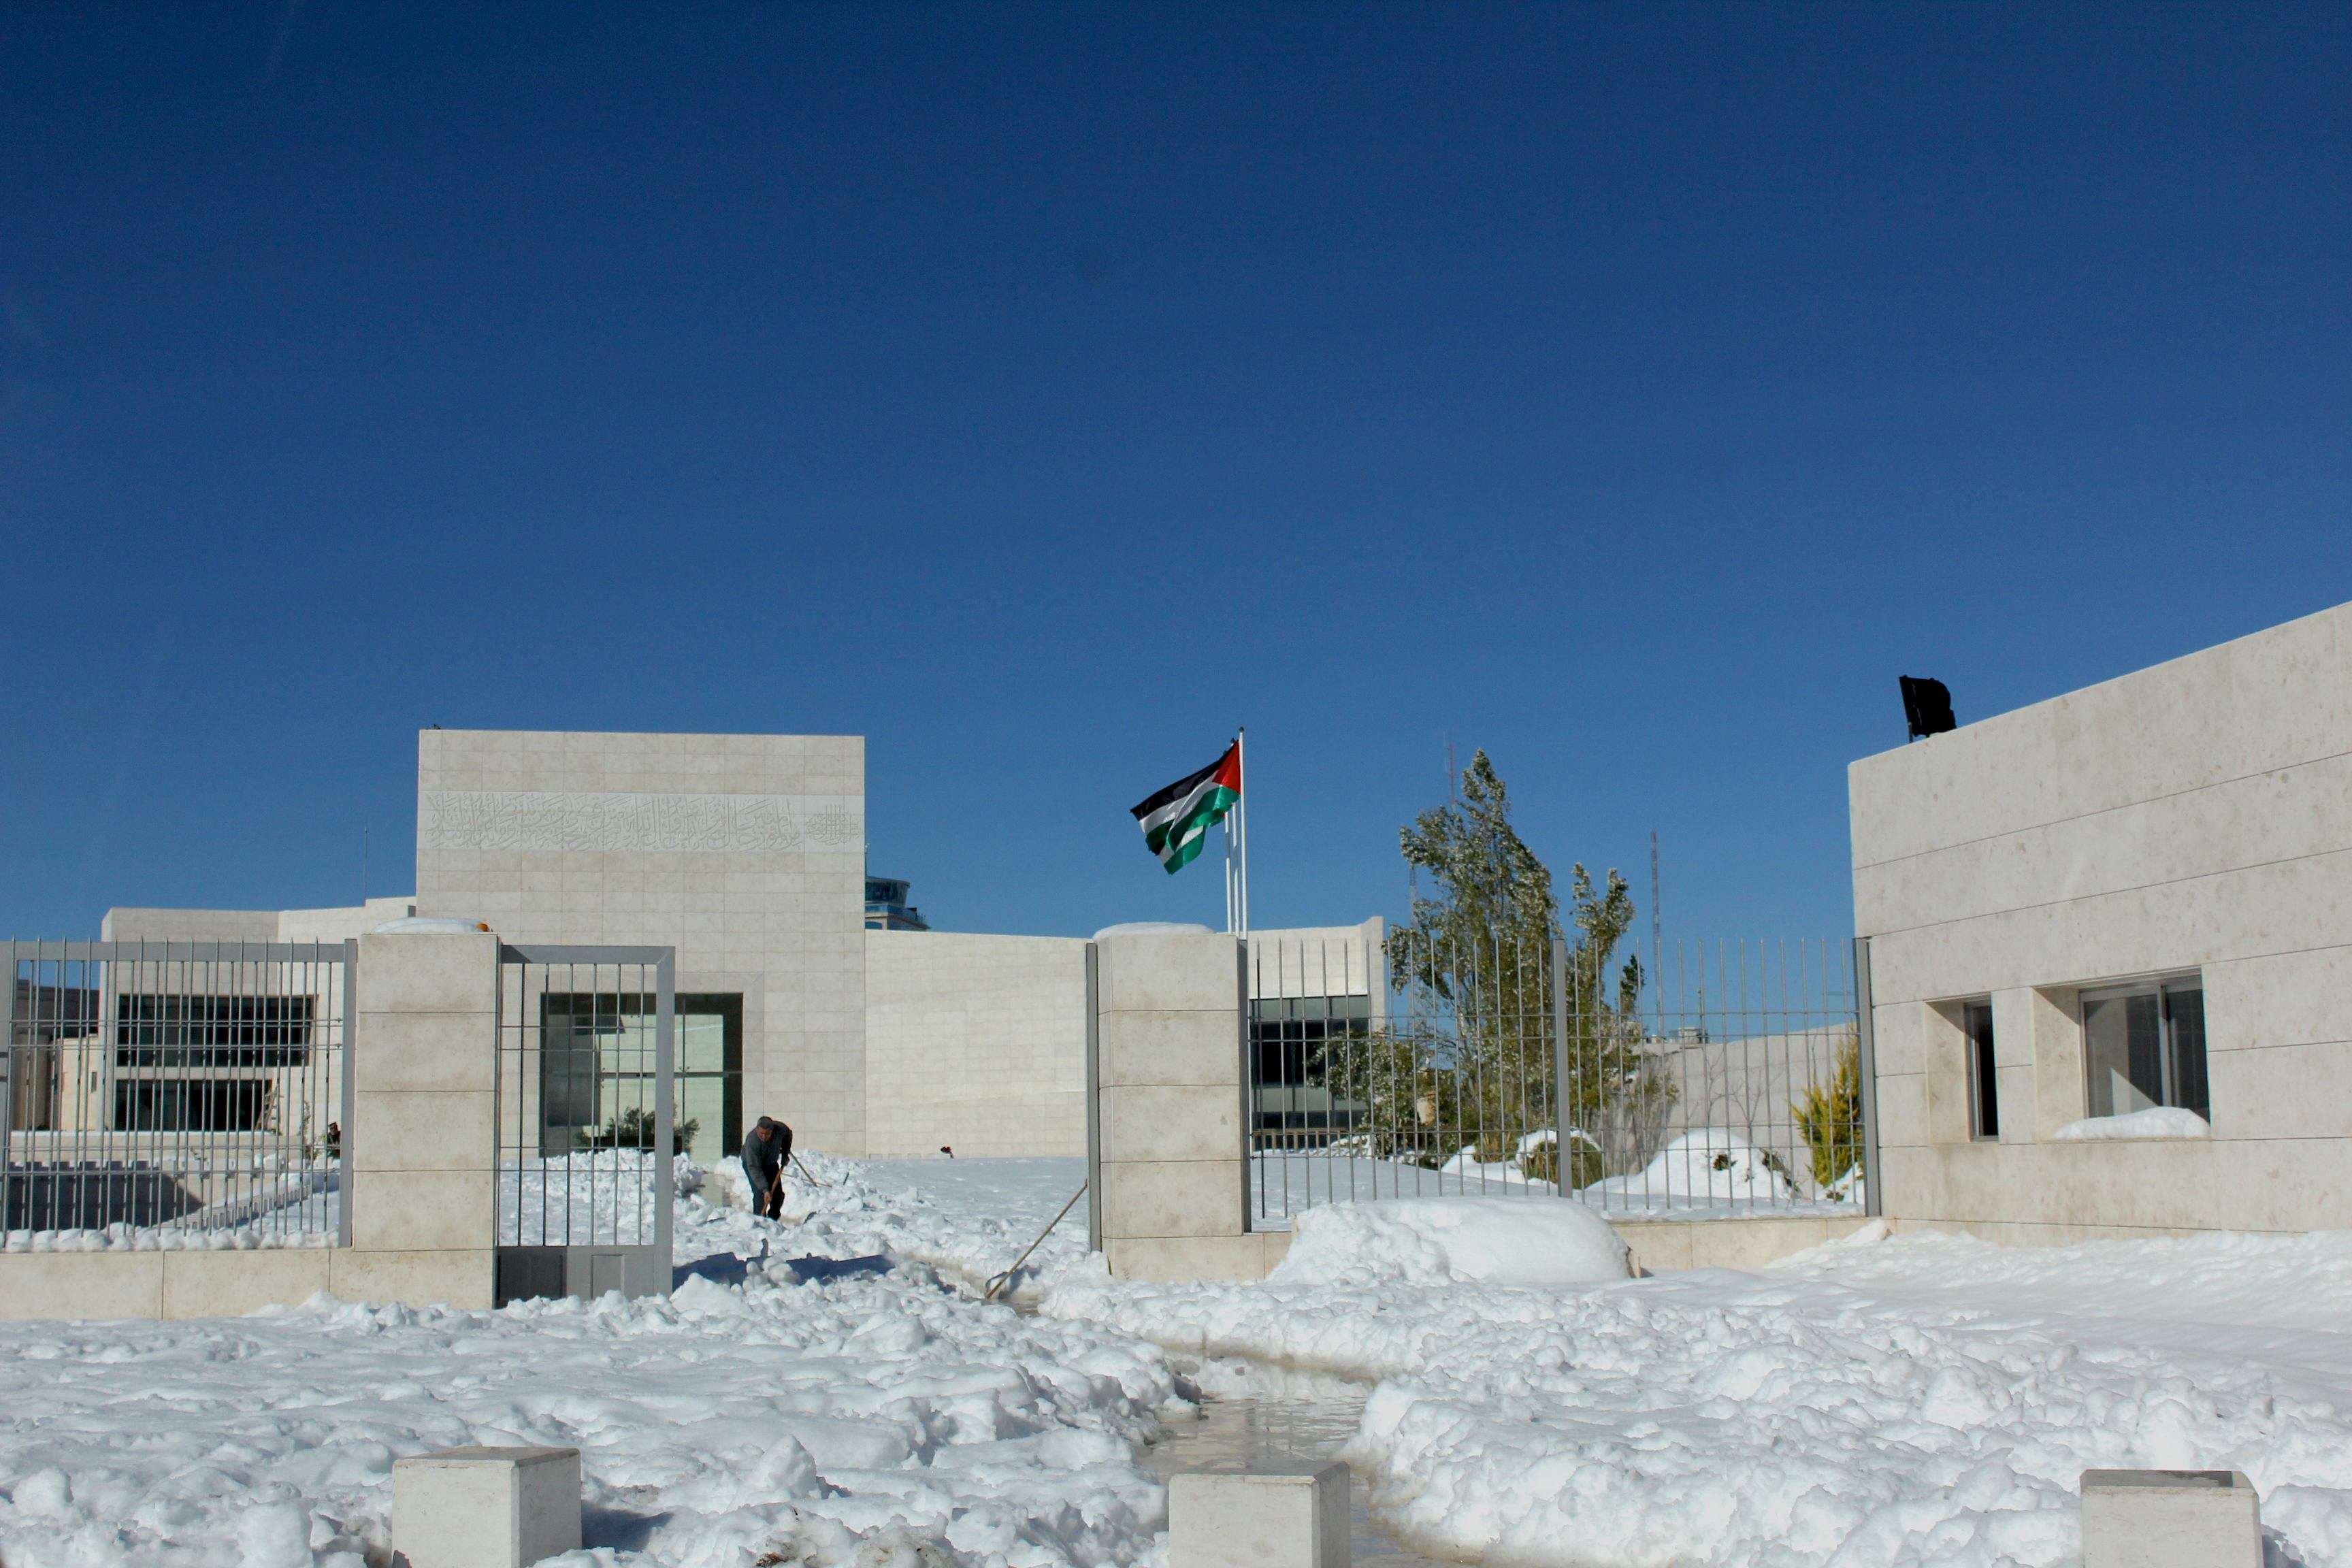 Le mausolée d'Arafat sous la neige, 16 décembre 2013. www.merblanche.com all rights reserved